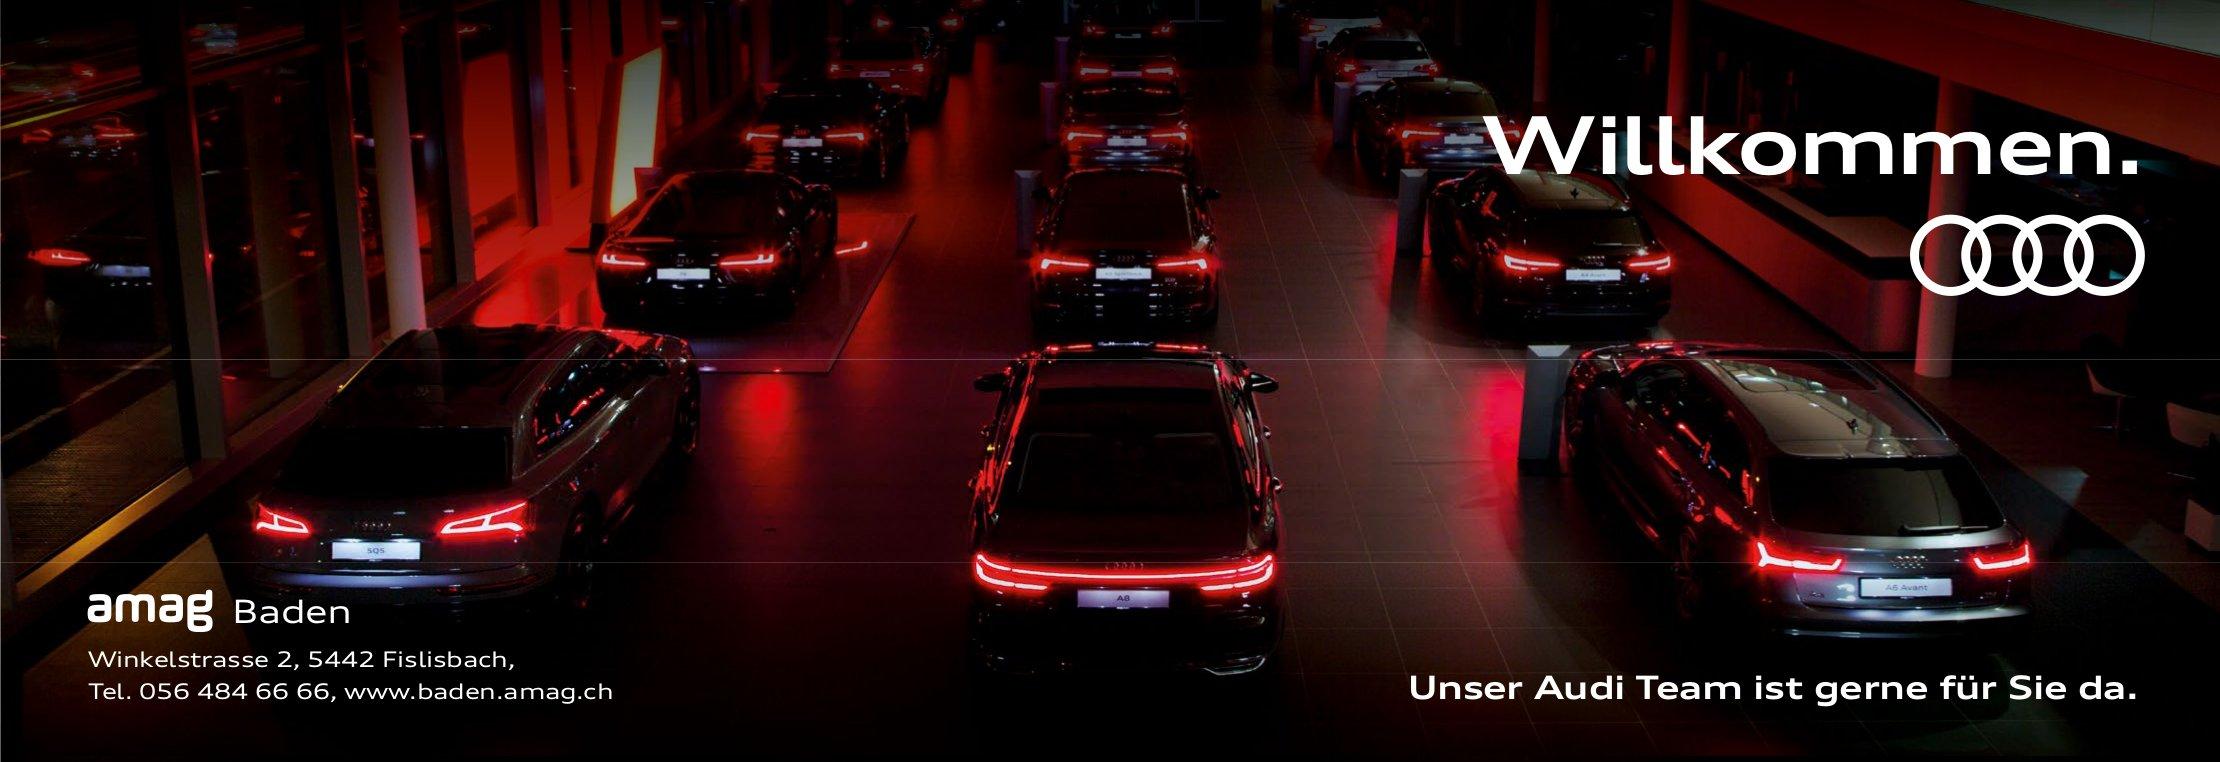 Unser Audi Team ist gerne für Sie da, amag Baden